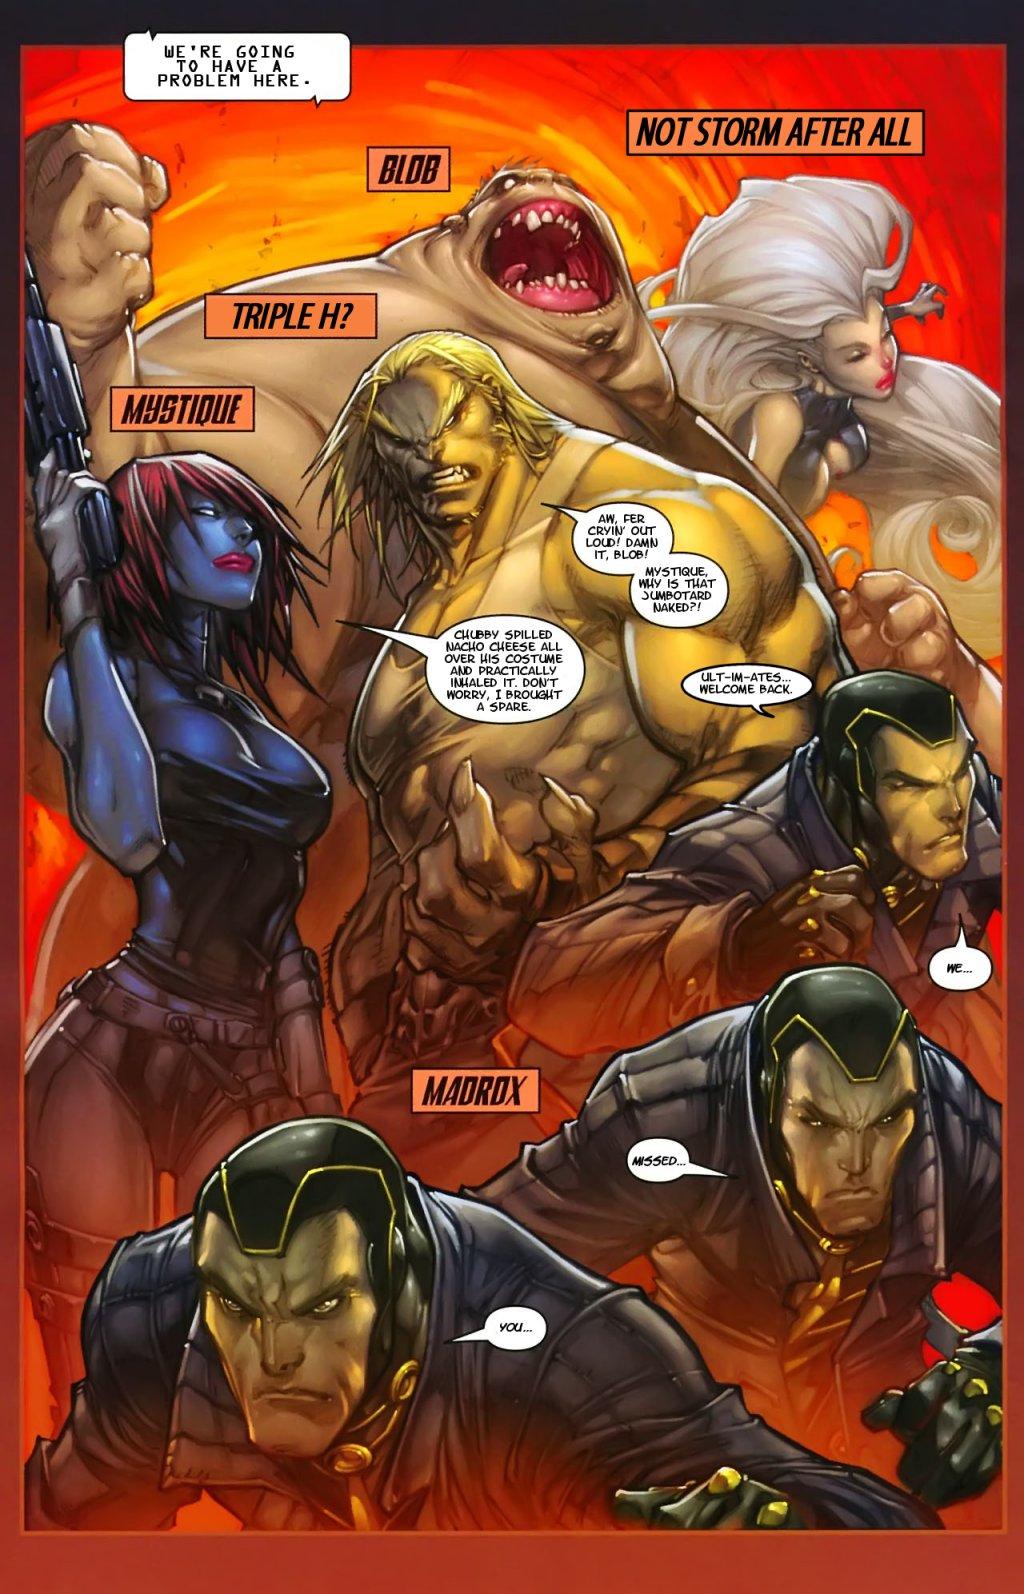 Iron man having sex